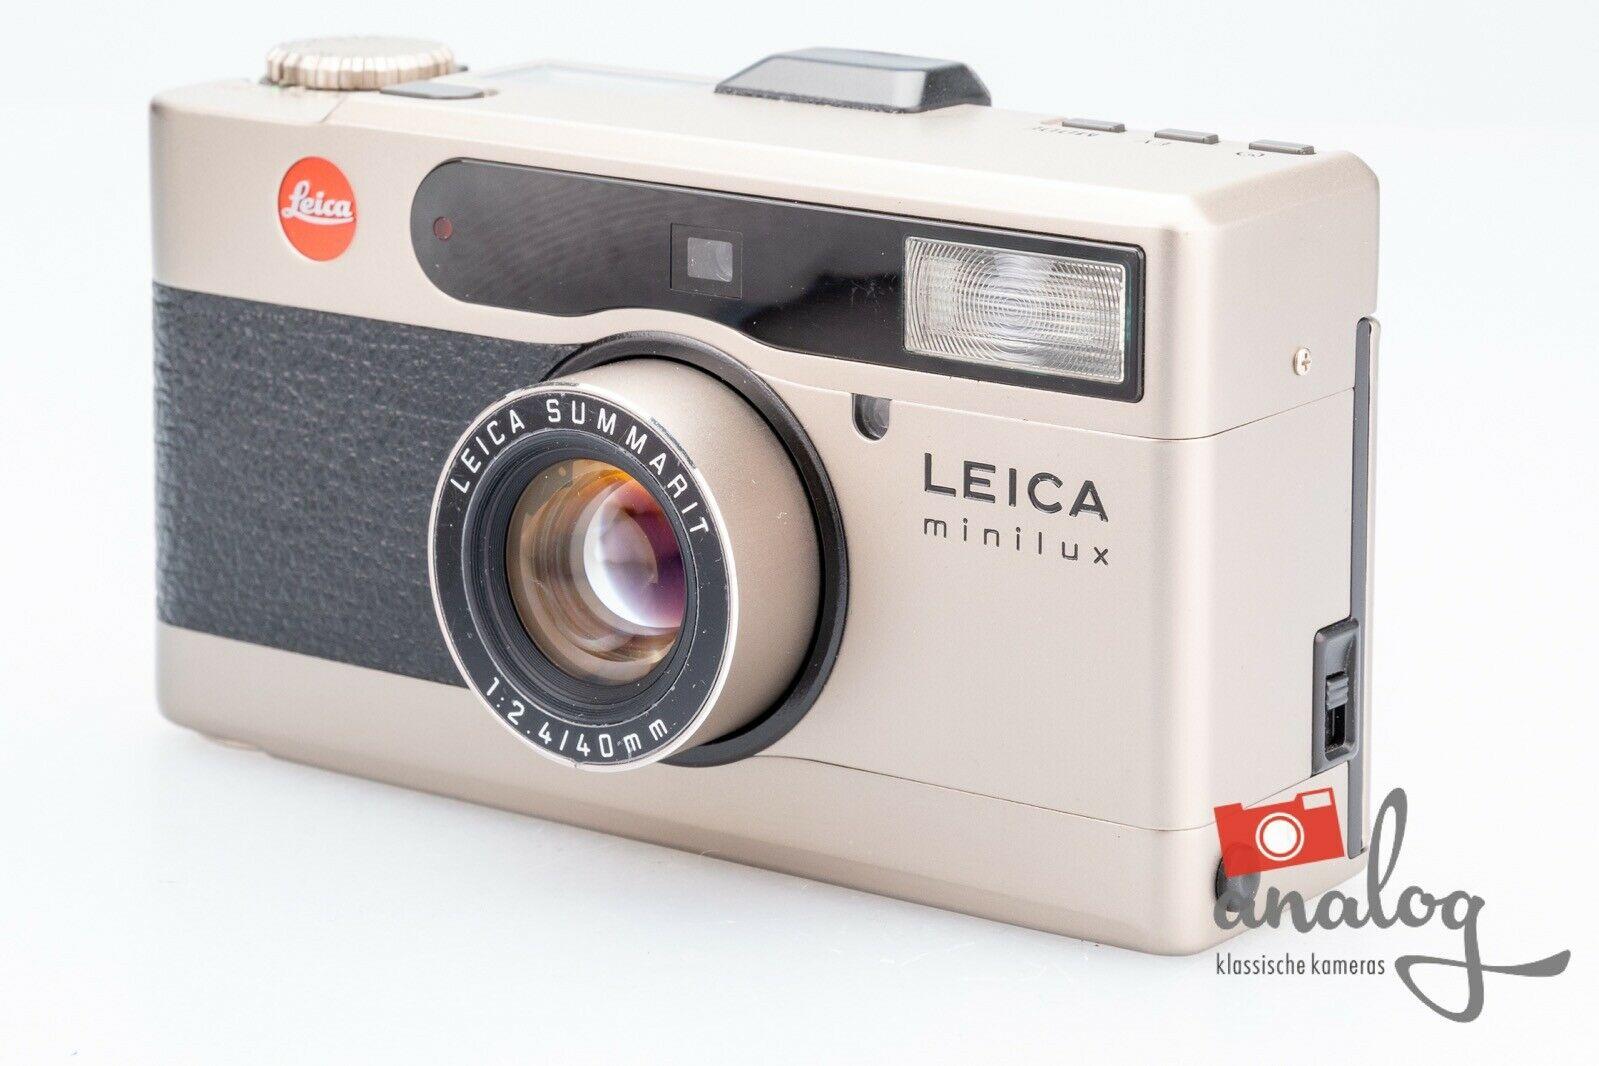 Leica Minilux, Leica Summarit 40mm 2.4